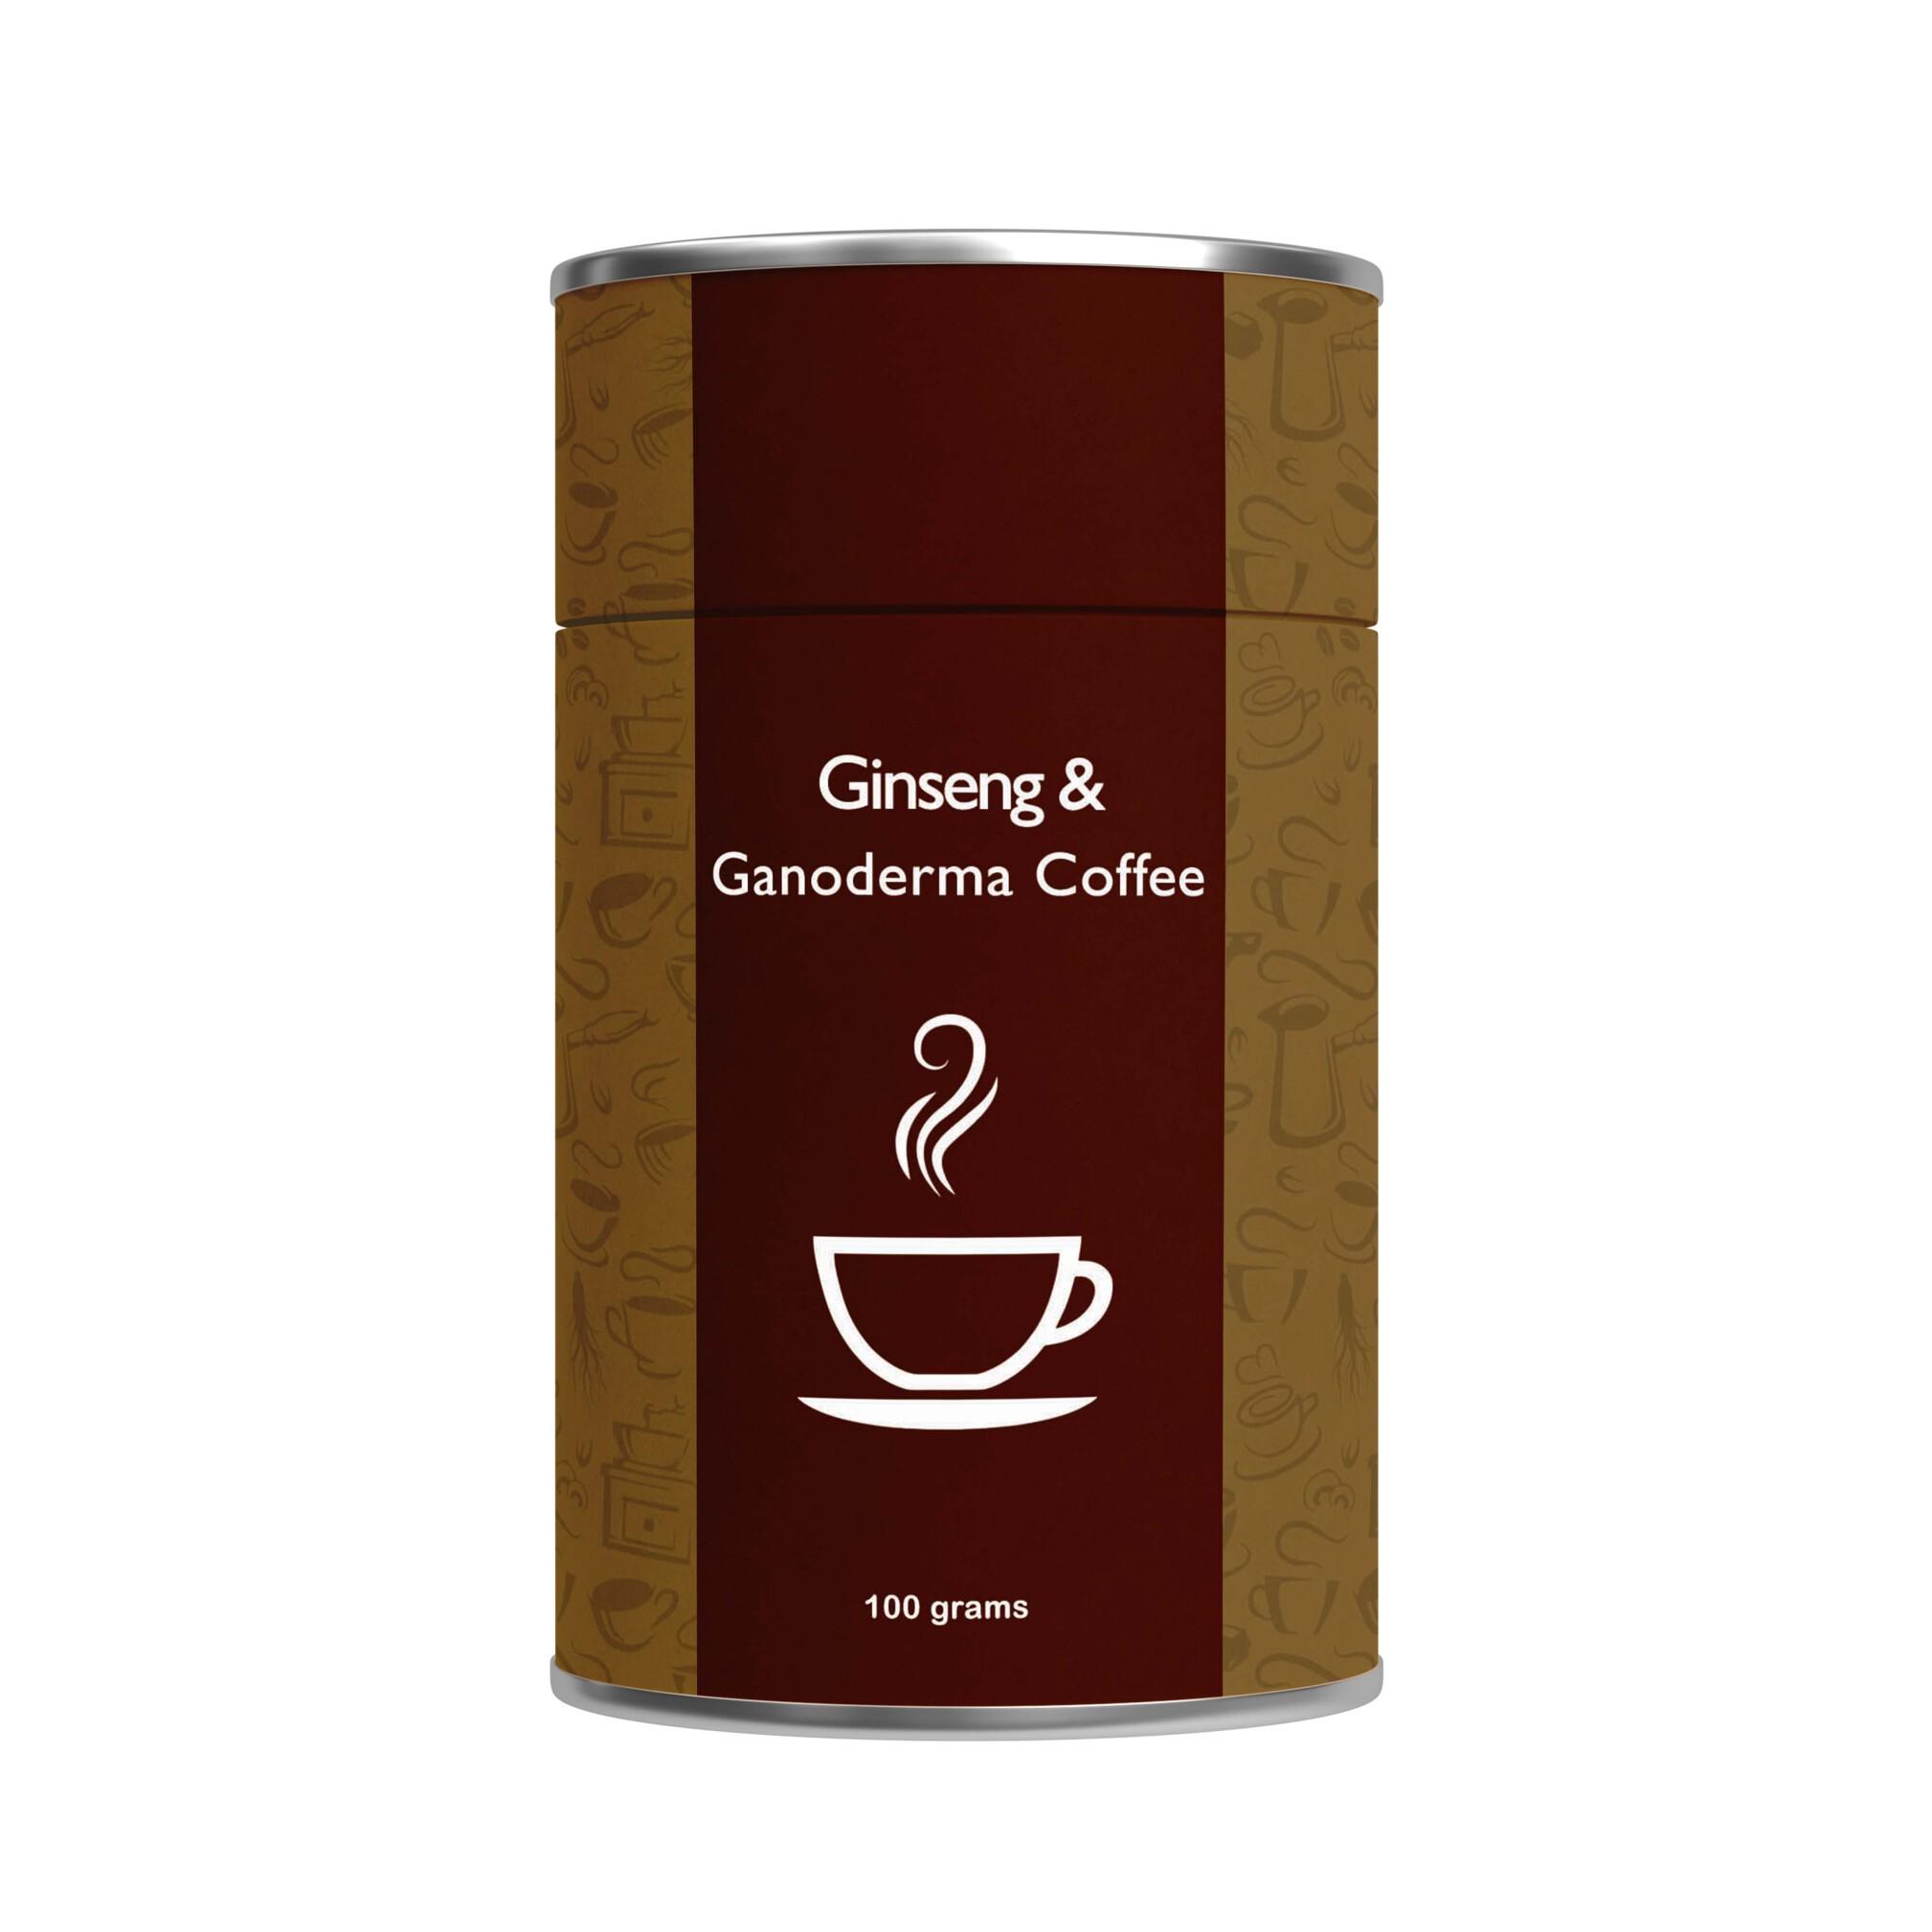 ترکیب قهوه با جنسینگ و قارچ گانودرما